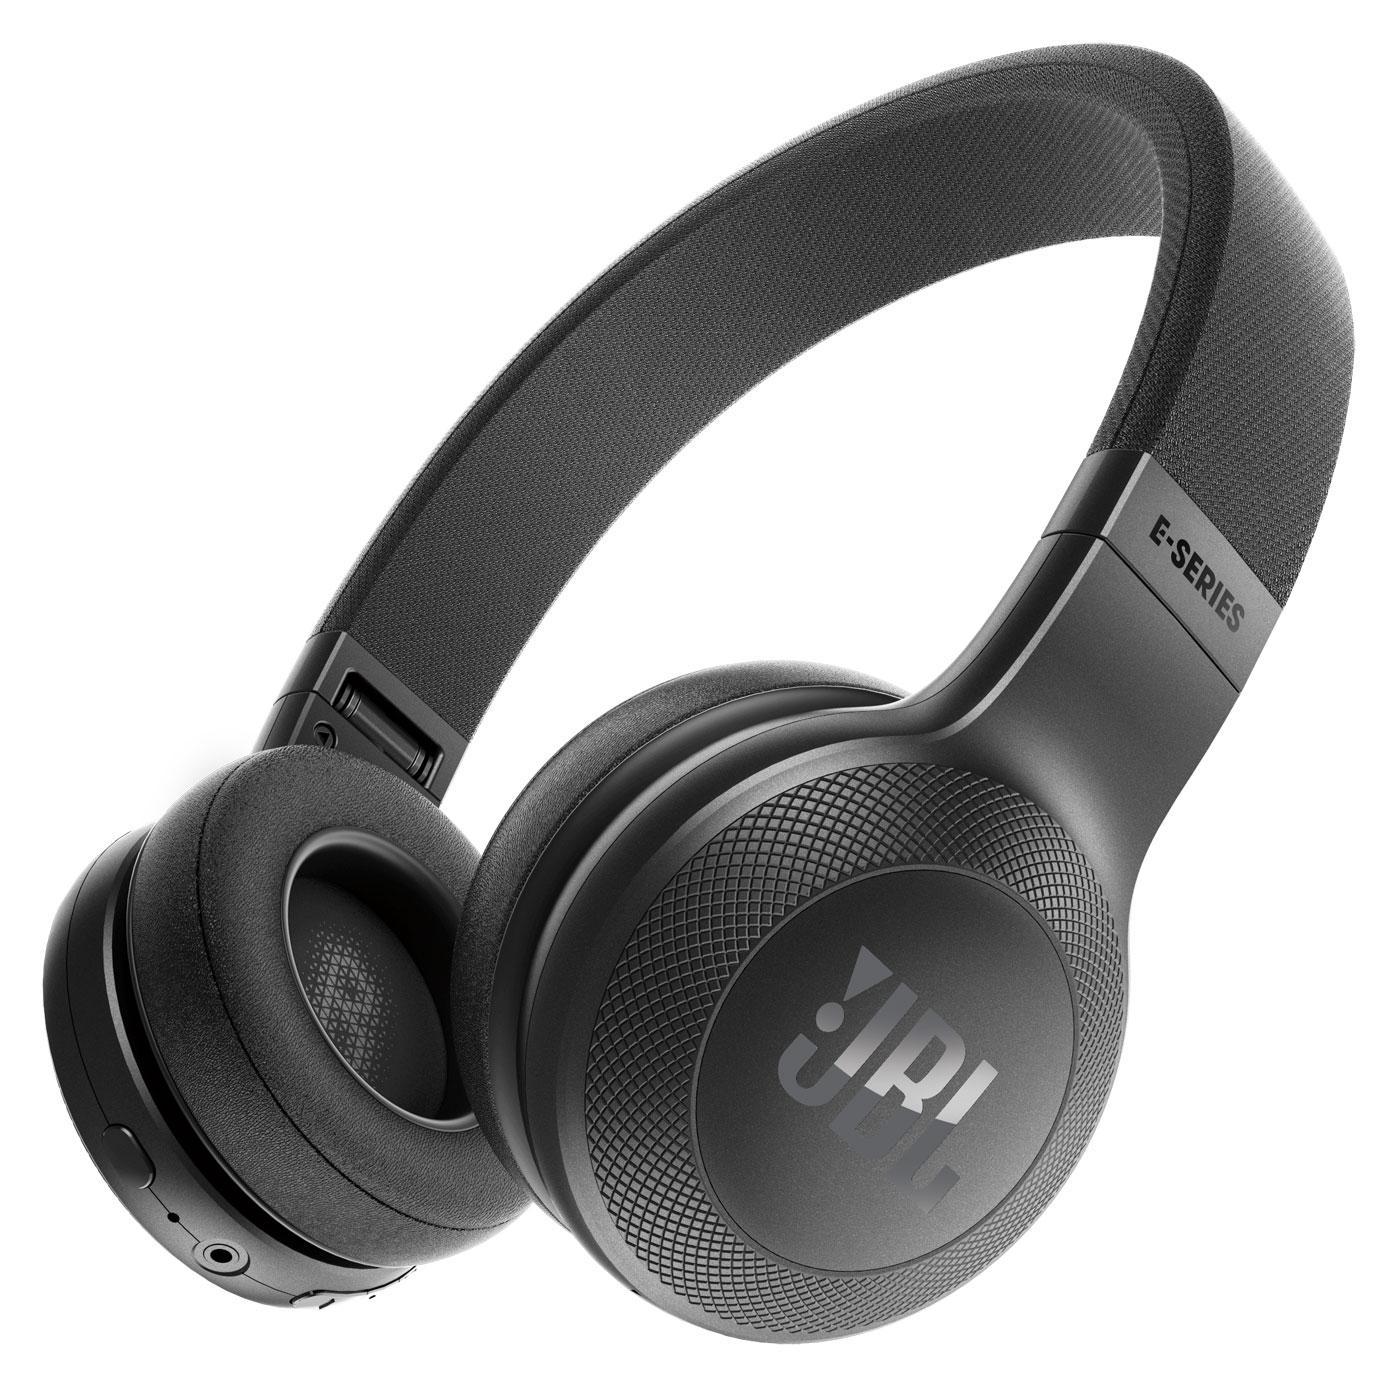 50€ remboursés sur une sélection d'articles audio (via ODR) - Ex : Casque Bluetooth JBL E45BT Noir